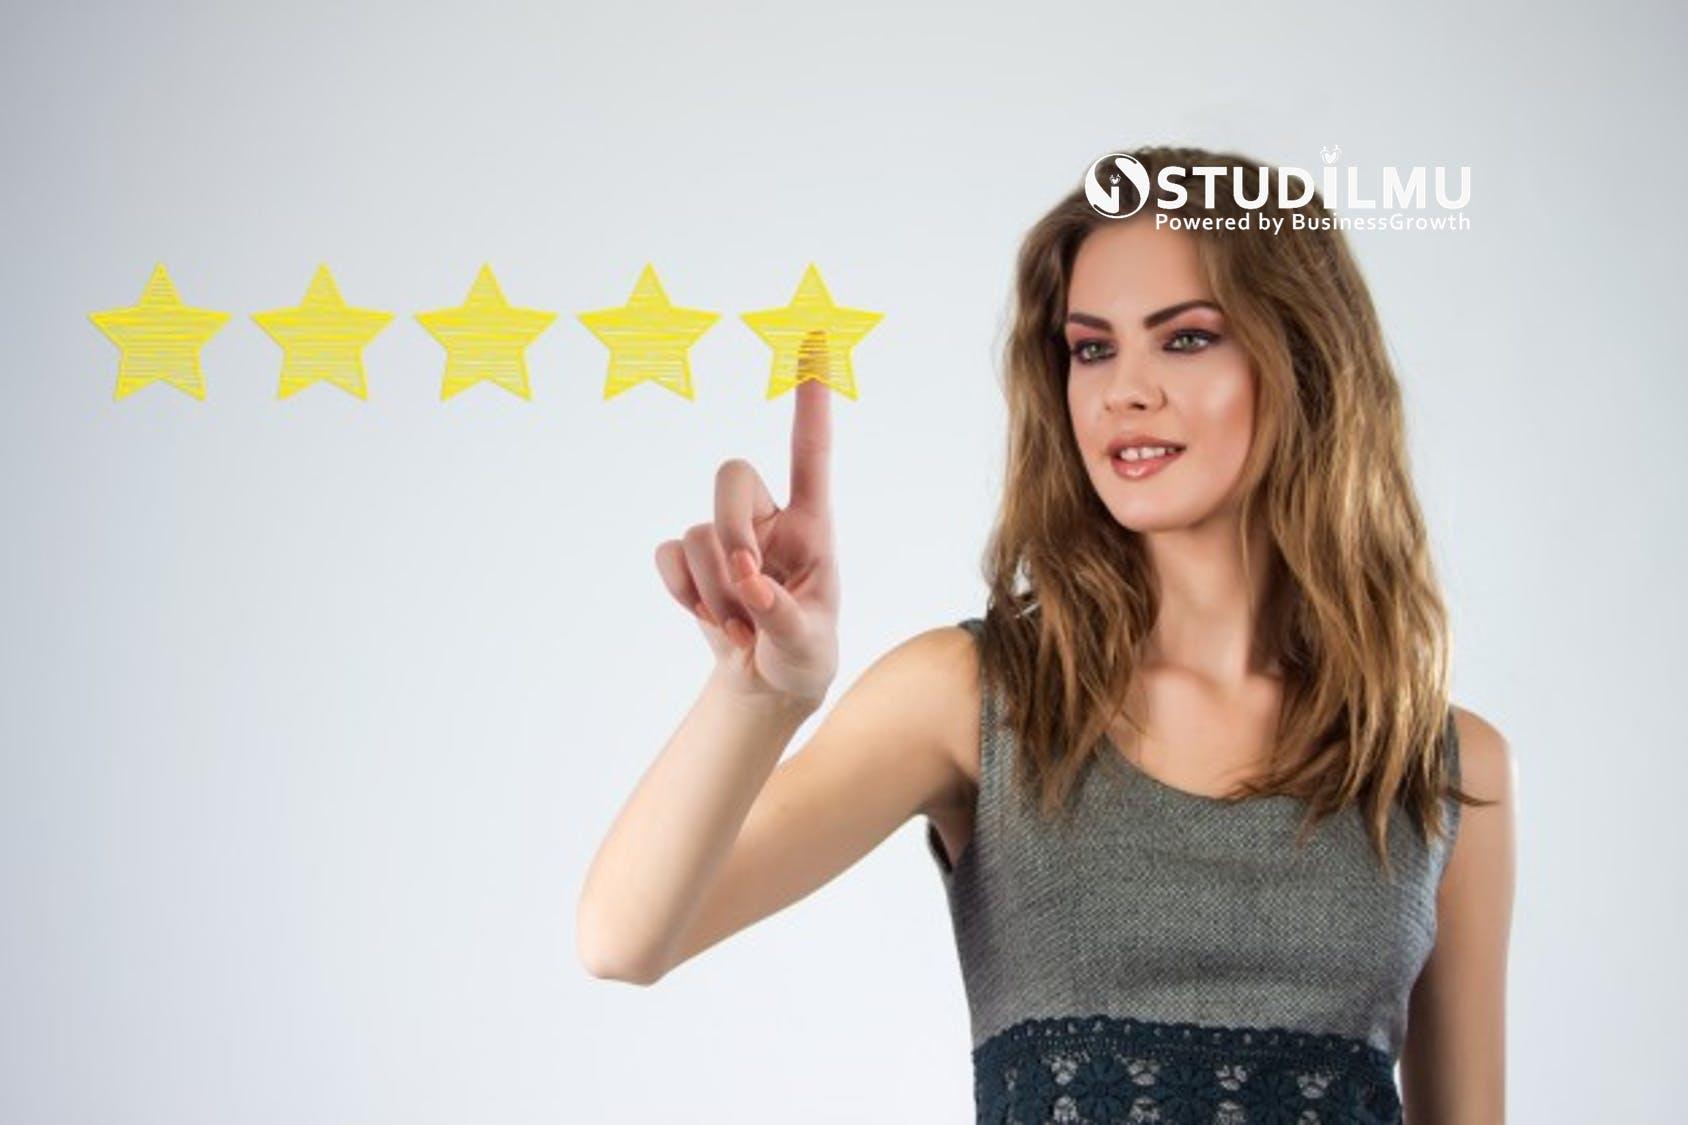 STUDILMU Career Advice - Apa yang Harus Dilakukan Setelah Menerima Umpan Balik?